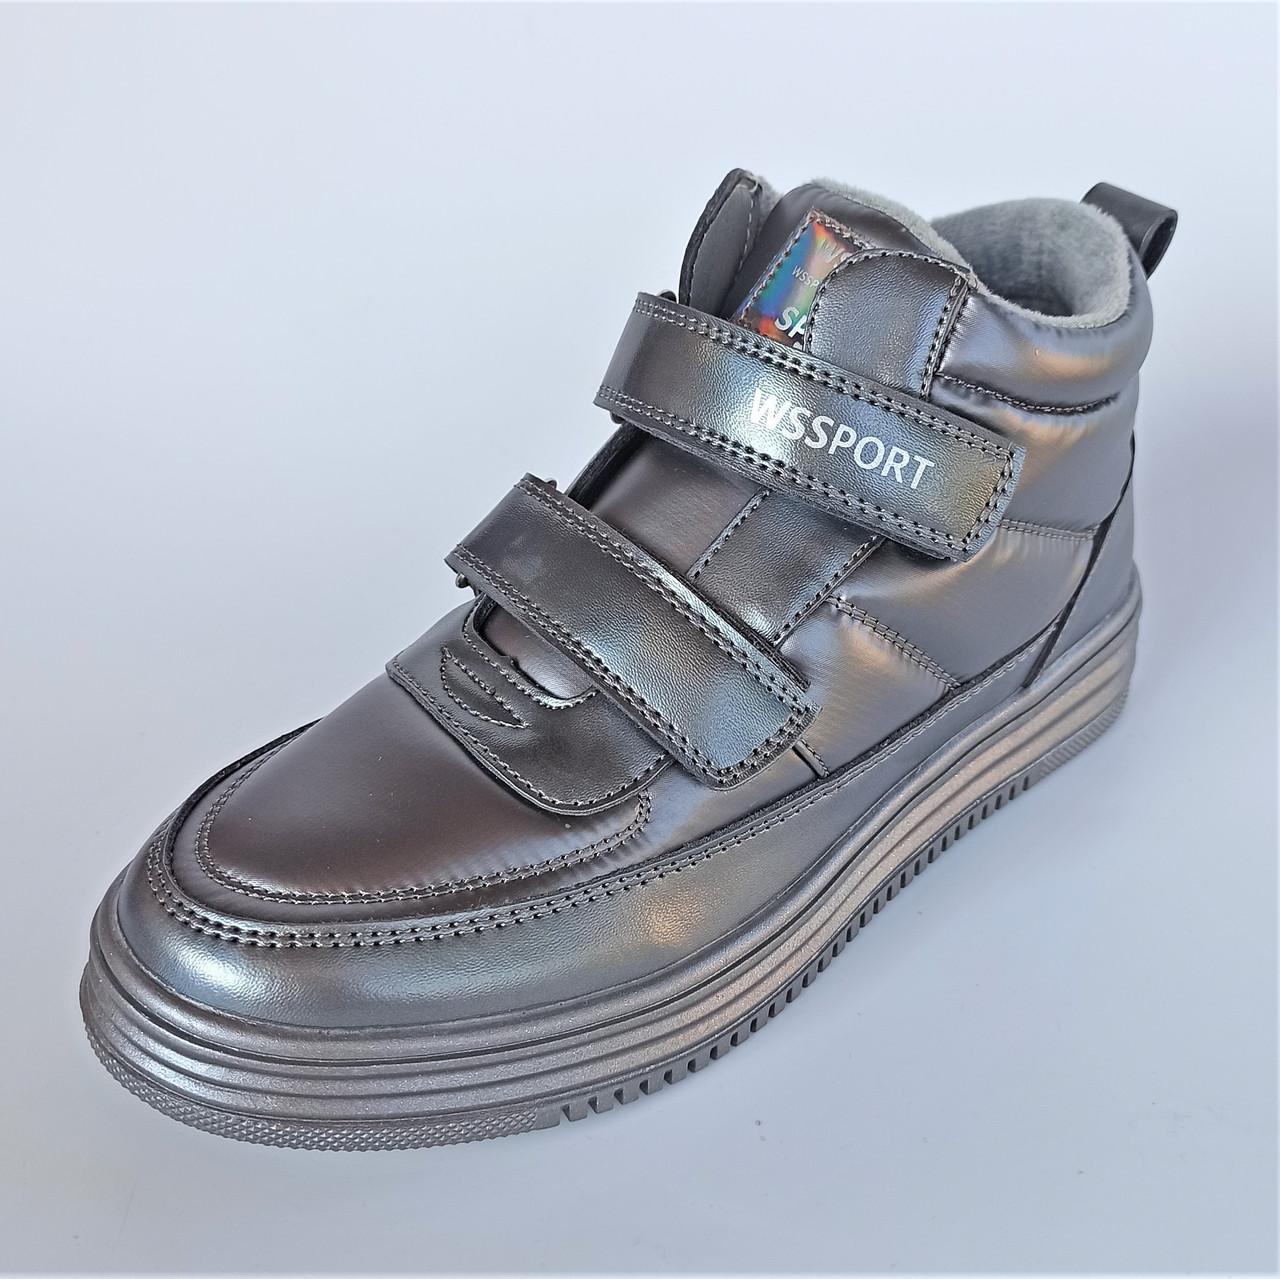 Дитячі подросткові черевики сріблястого кольору, Weestep (код 1339) розміри: 32-37